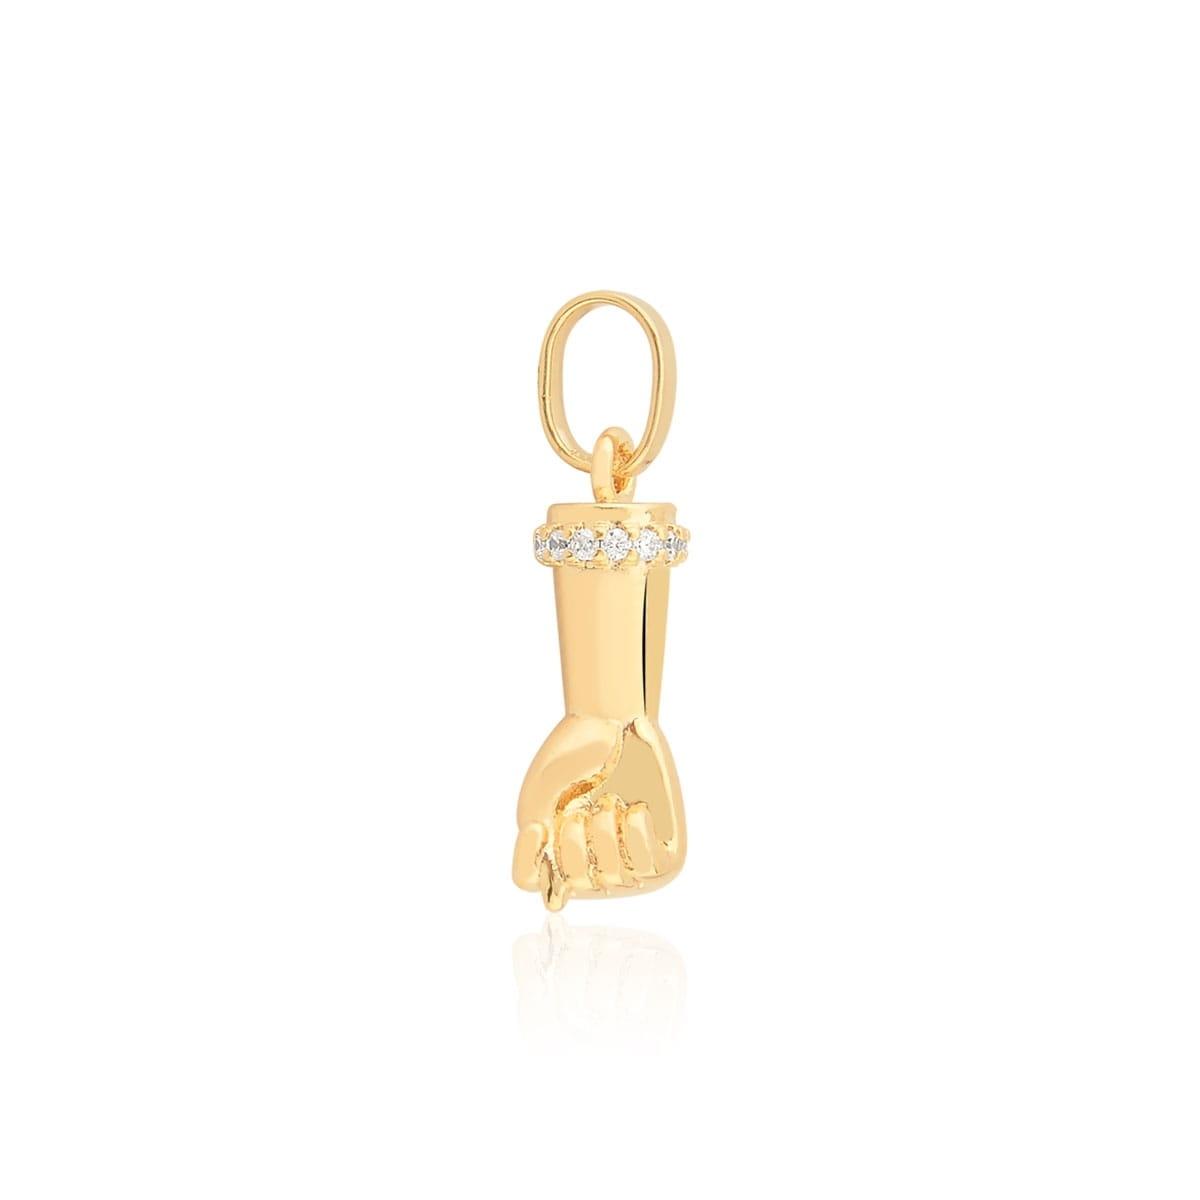 Pingente de Figa banhado com zirconias em ouro 18k